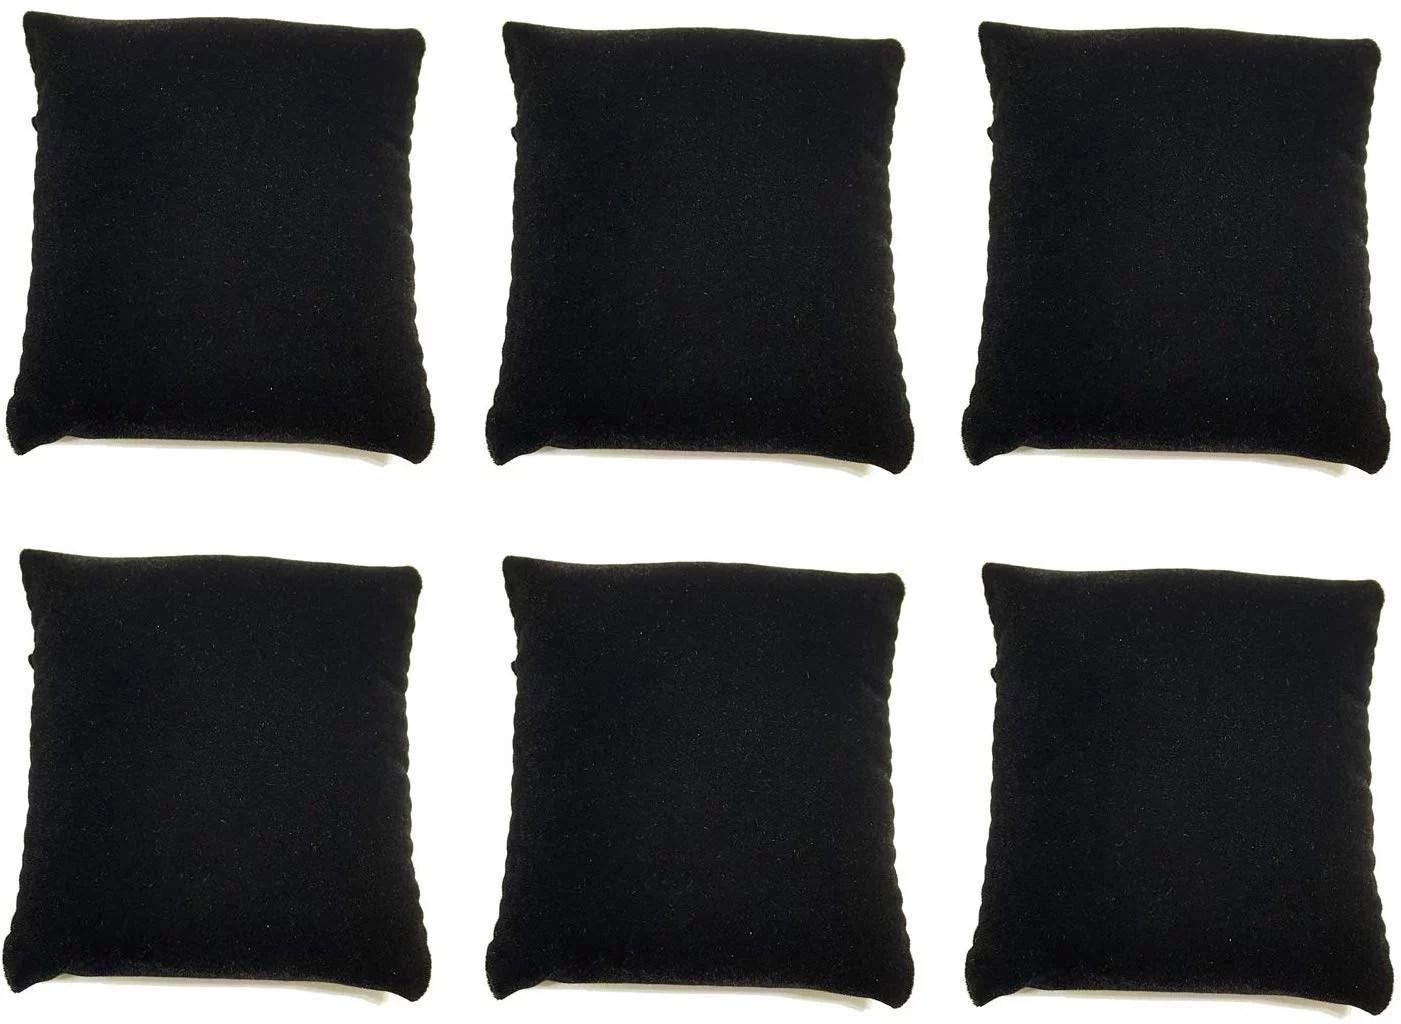 small bracelet watch pillow black velvet jewelry displays jewelry pillow velvet small watch pillows velvet bracelet pillow set 3 w x 3 d pack of